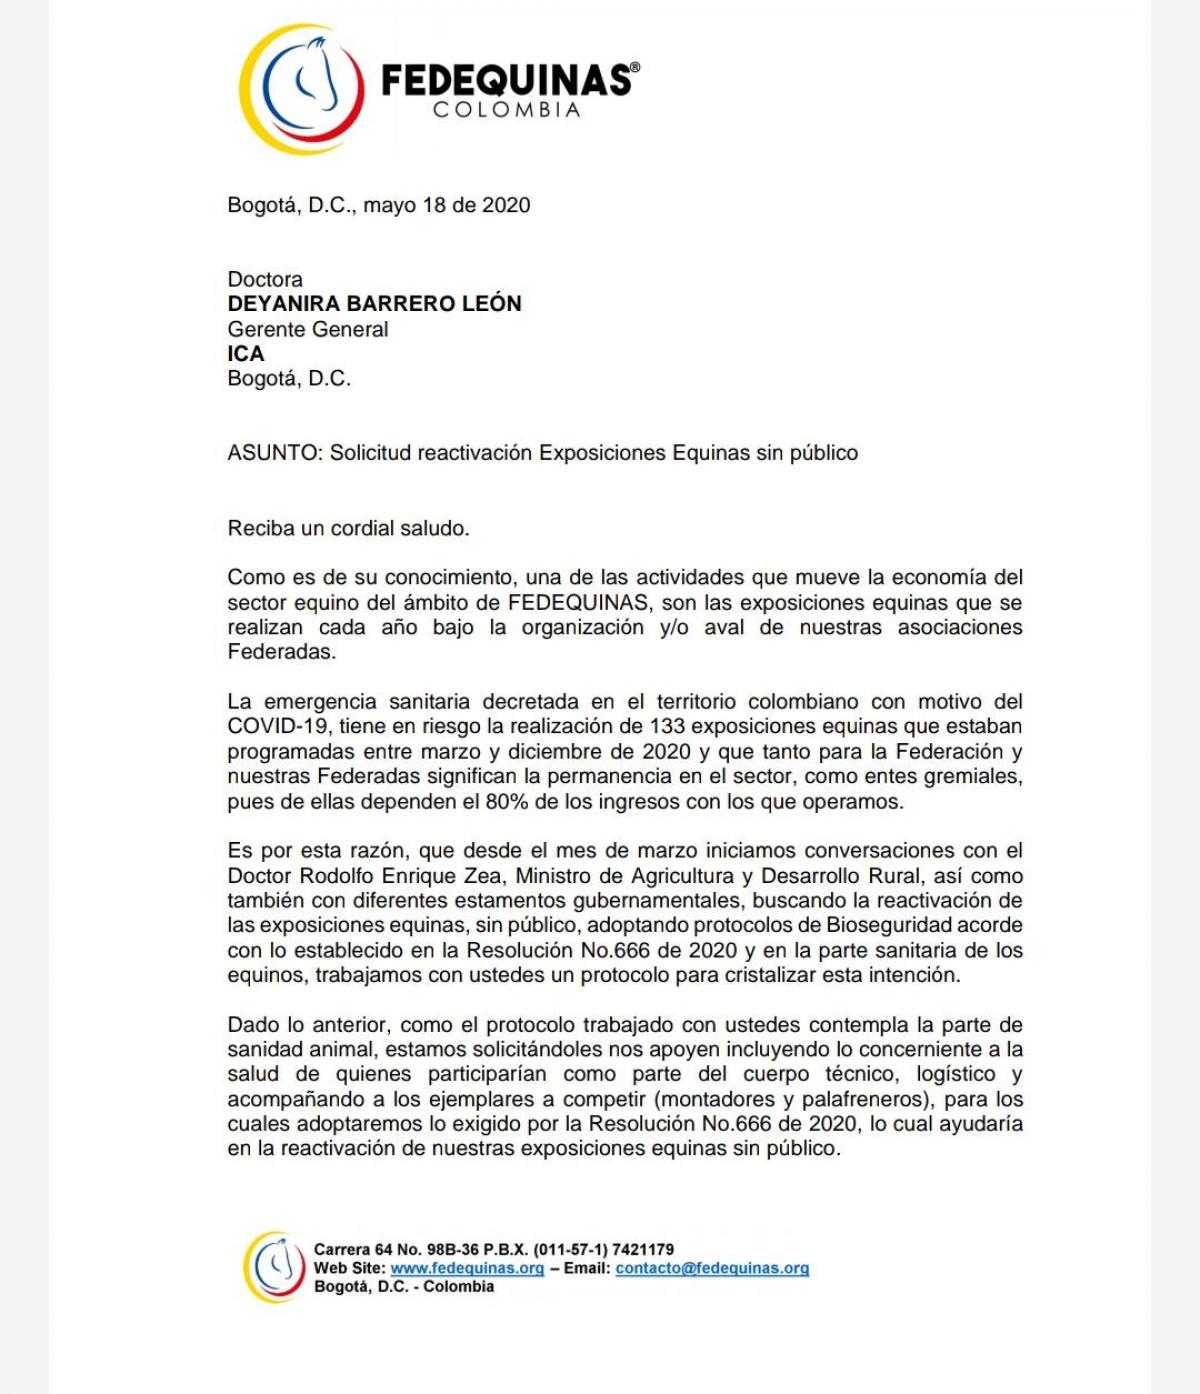 Circular externa de @icacolombia No. 004 en la cual acogen la solicitud de @fedequinas.oficial y da los lineamientos para eventos equinos sin público.